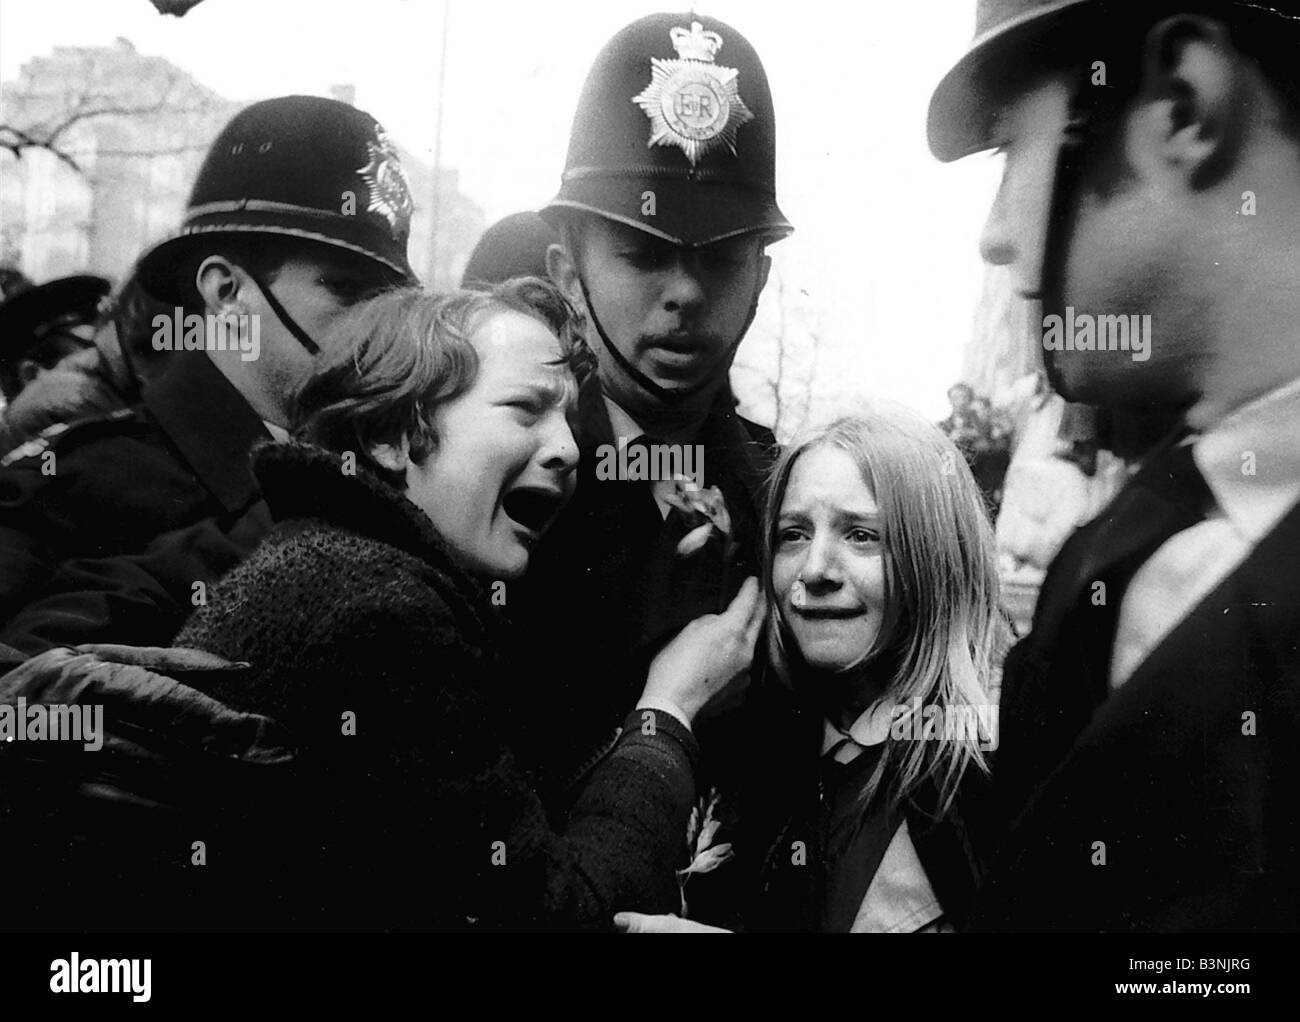 Beatles bouleversé fans pleurer parce que Paul McCartney s'est marié sont emmenés par la police en mars 1969 Banque D'Images